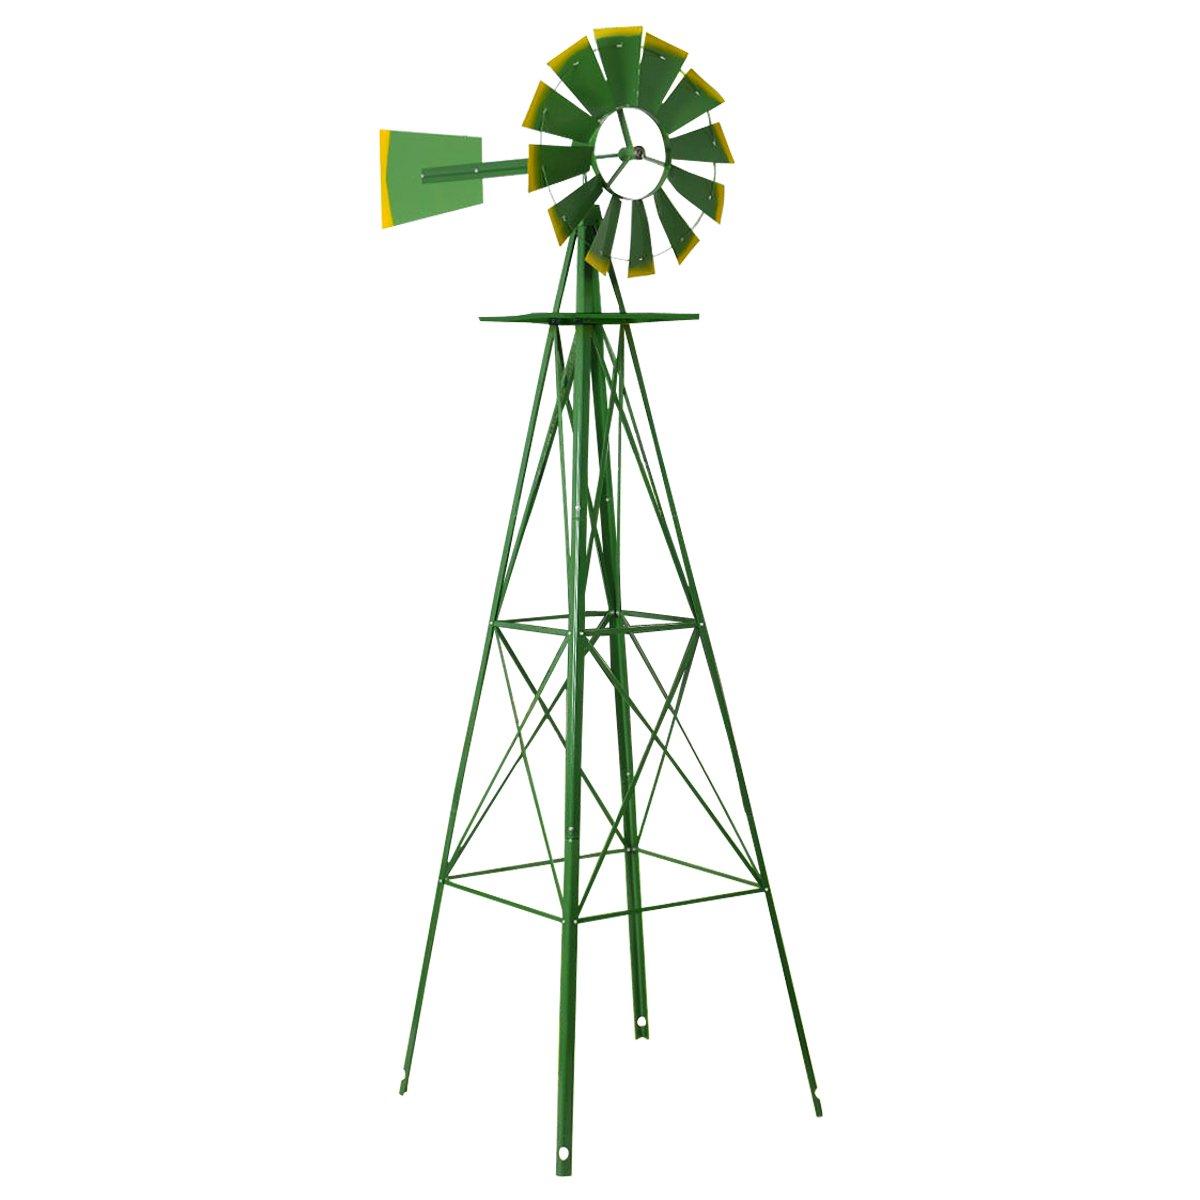 Tangkula 8ft molino de viento patio jard n metal for Molinos de viento para jardin